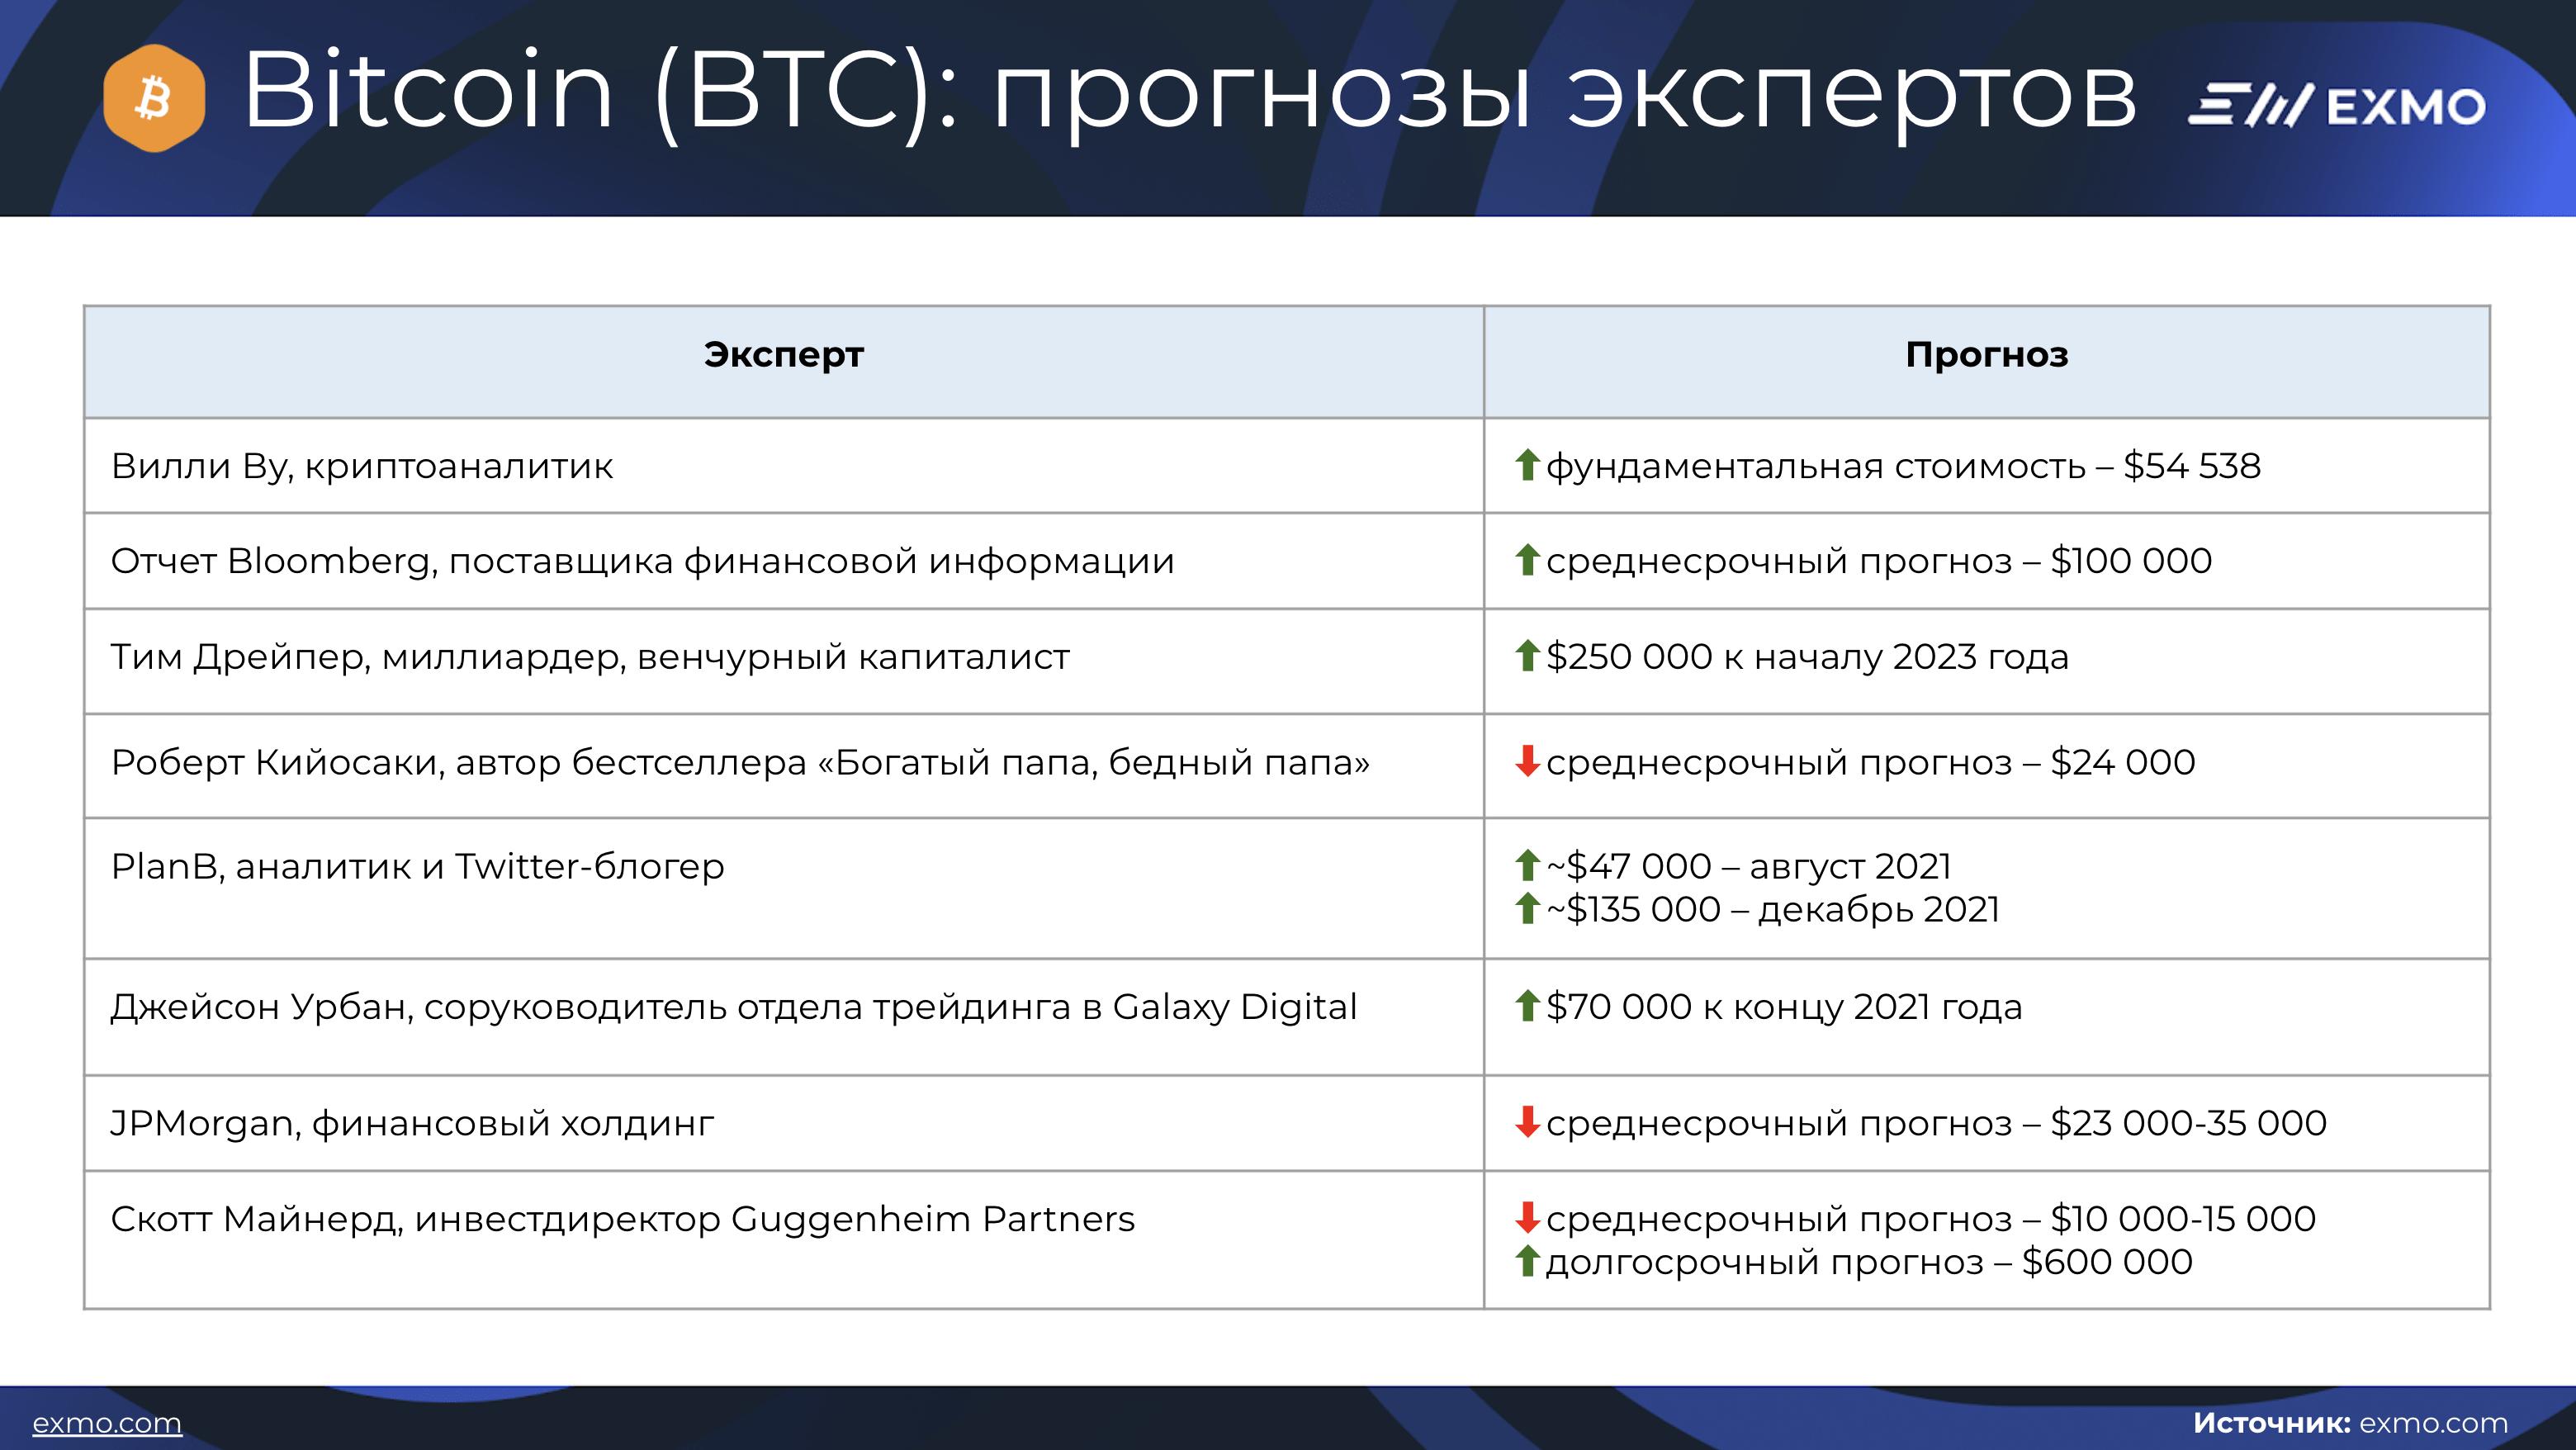 BTC прогнозы